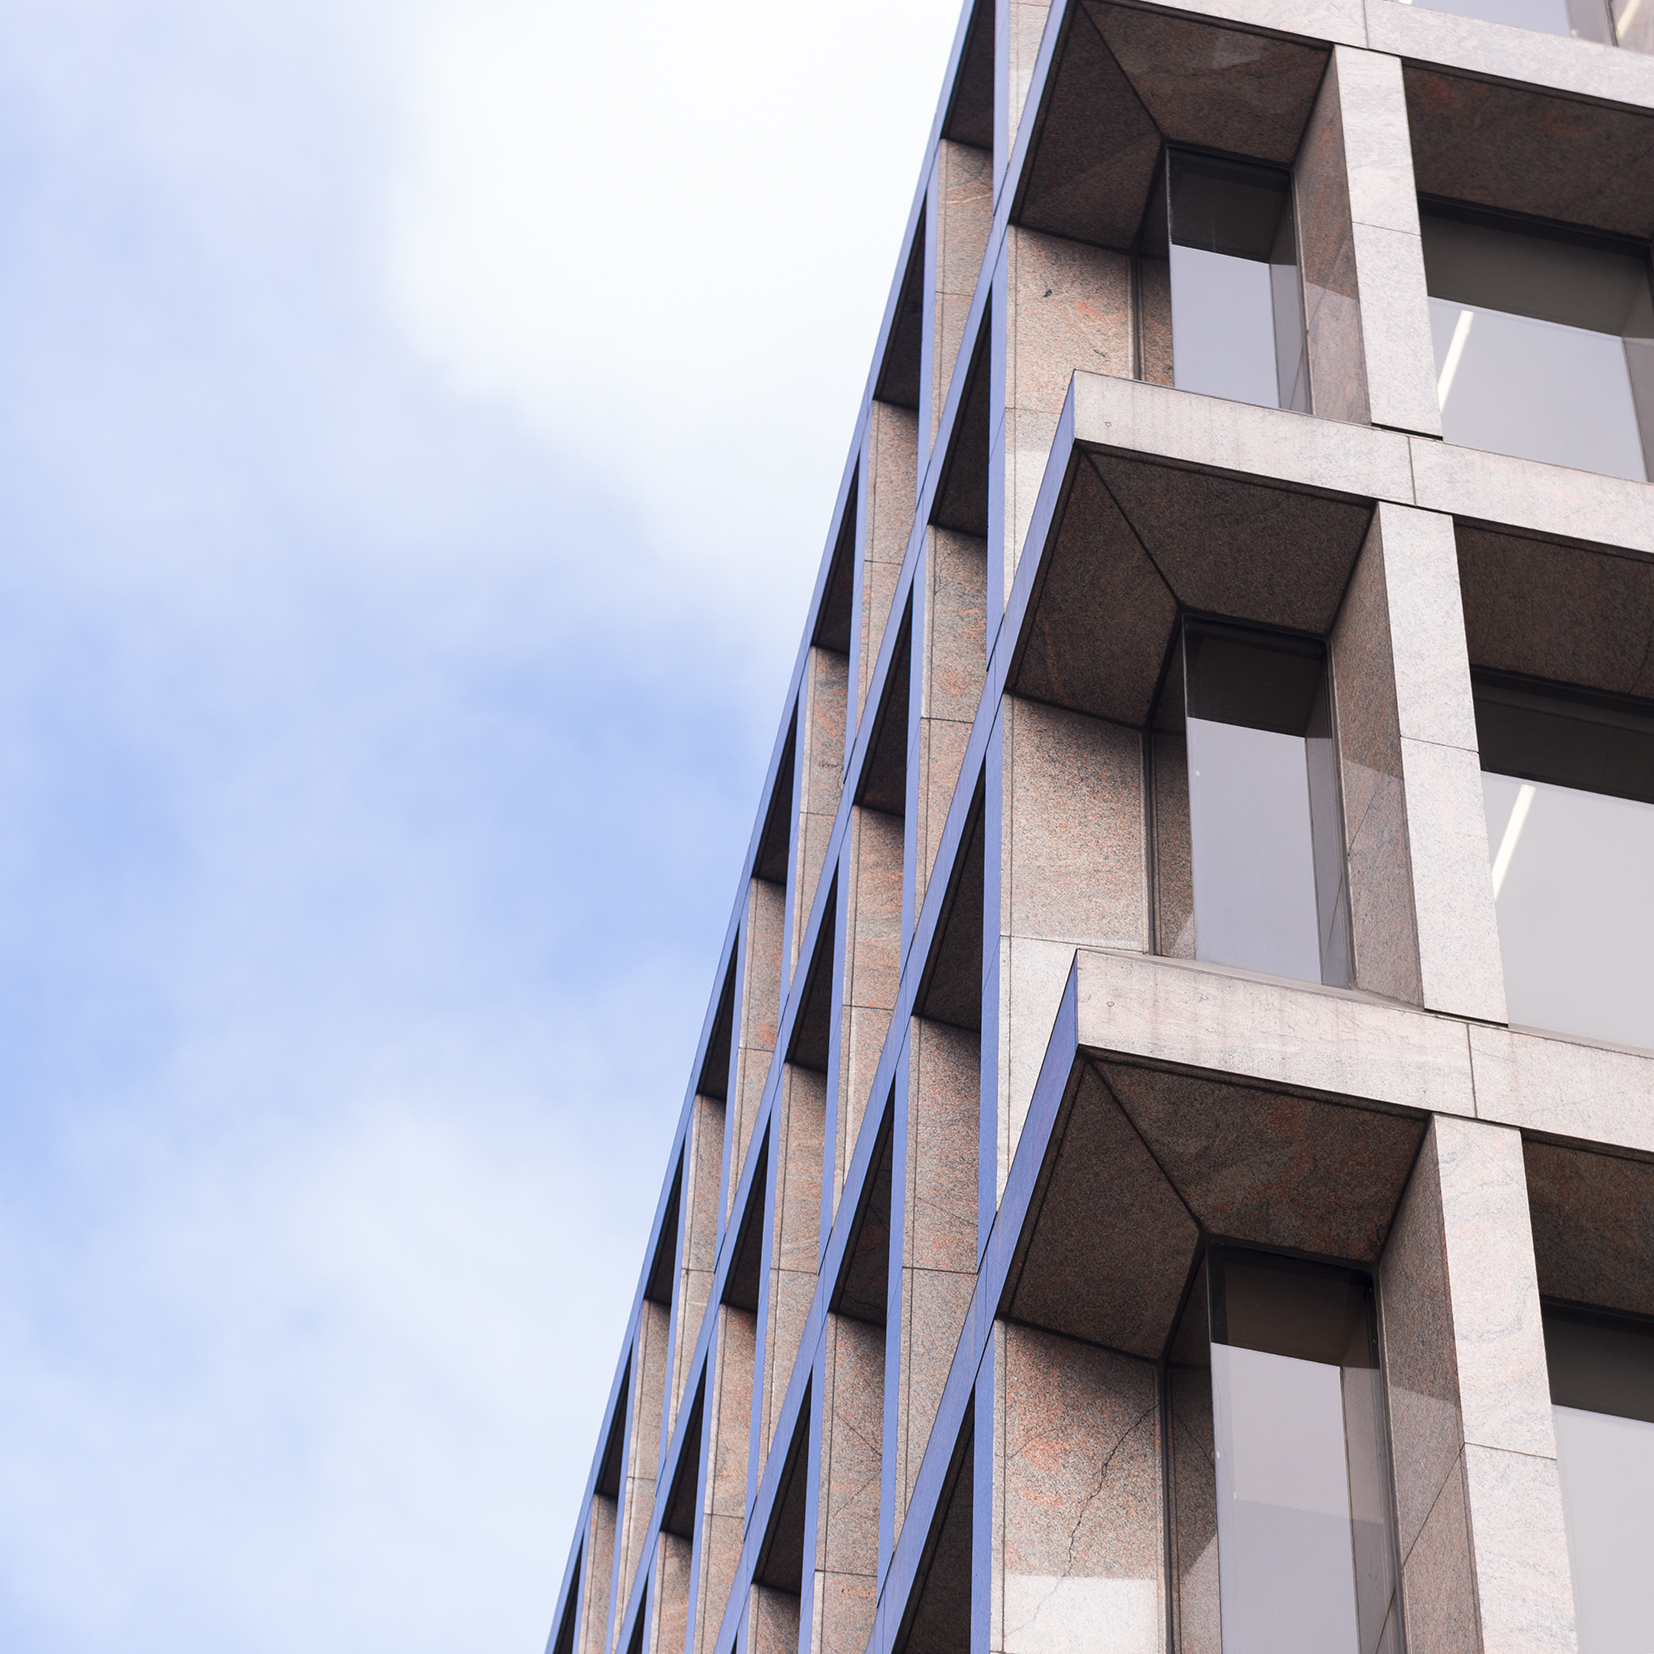 Building londonien de La City